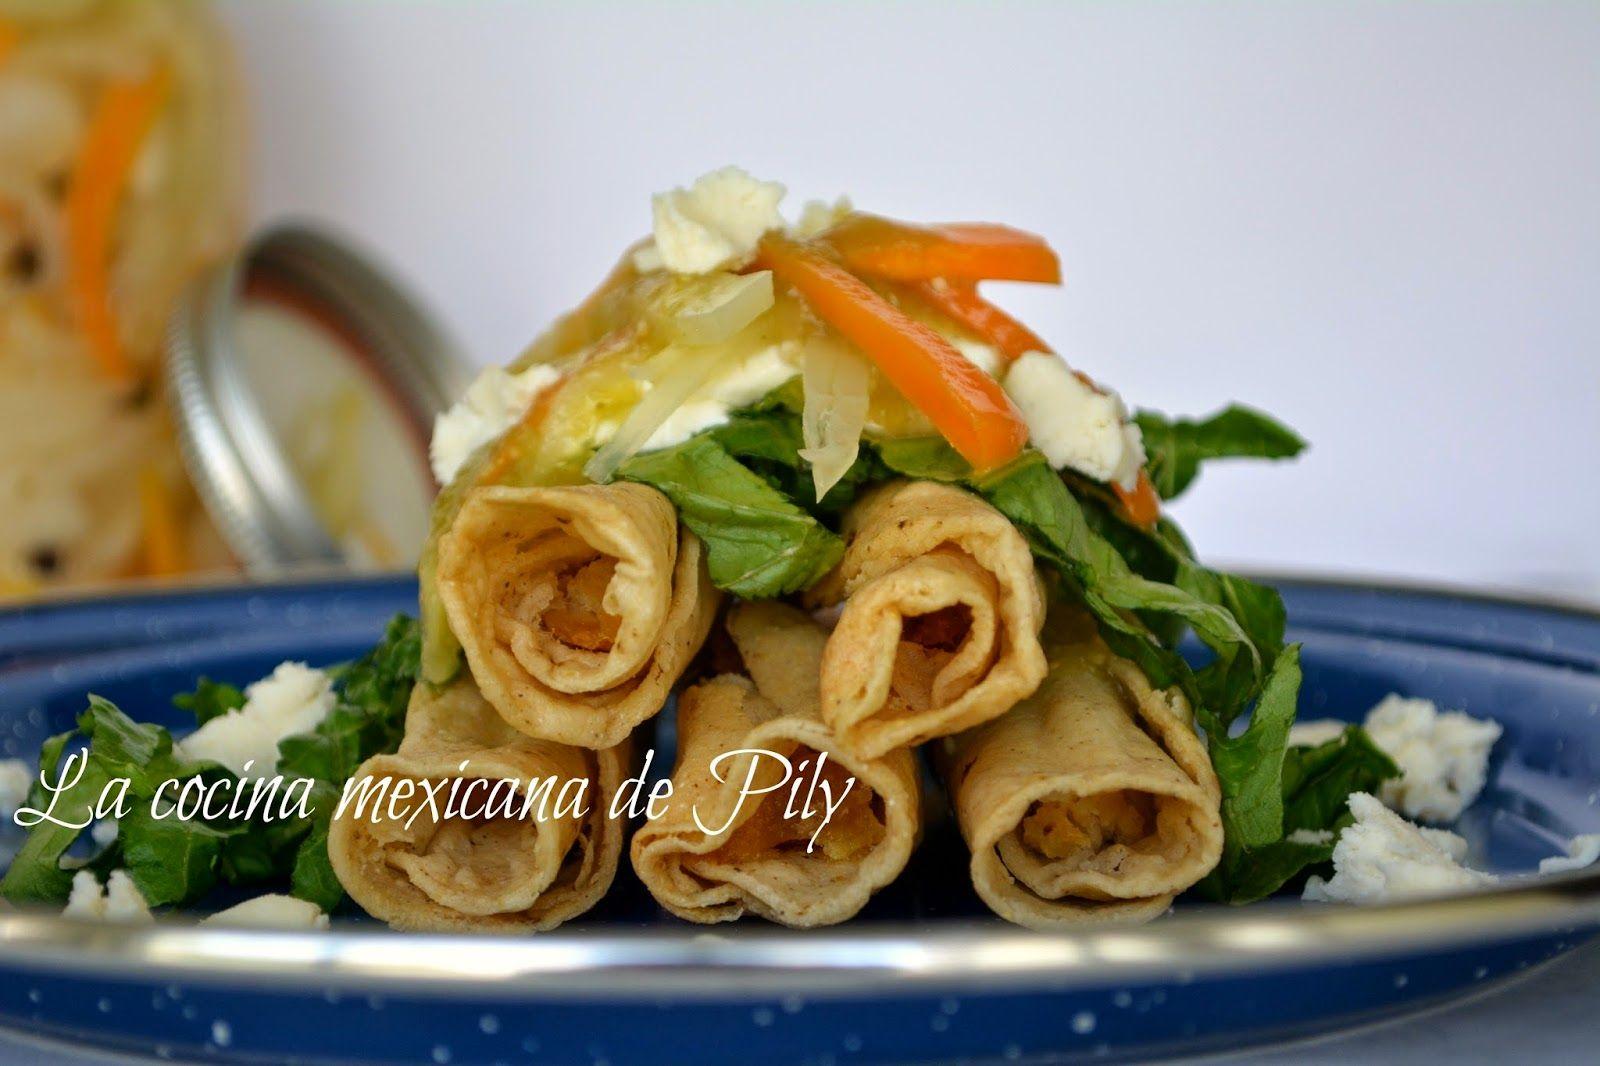 La cocina mexicana de Pily Sancocho de Sahuayo  Fruta en vinagre  tacos y antojitos mexicanos  Comida mexicana Cocina mexicana y Gastronomia